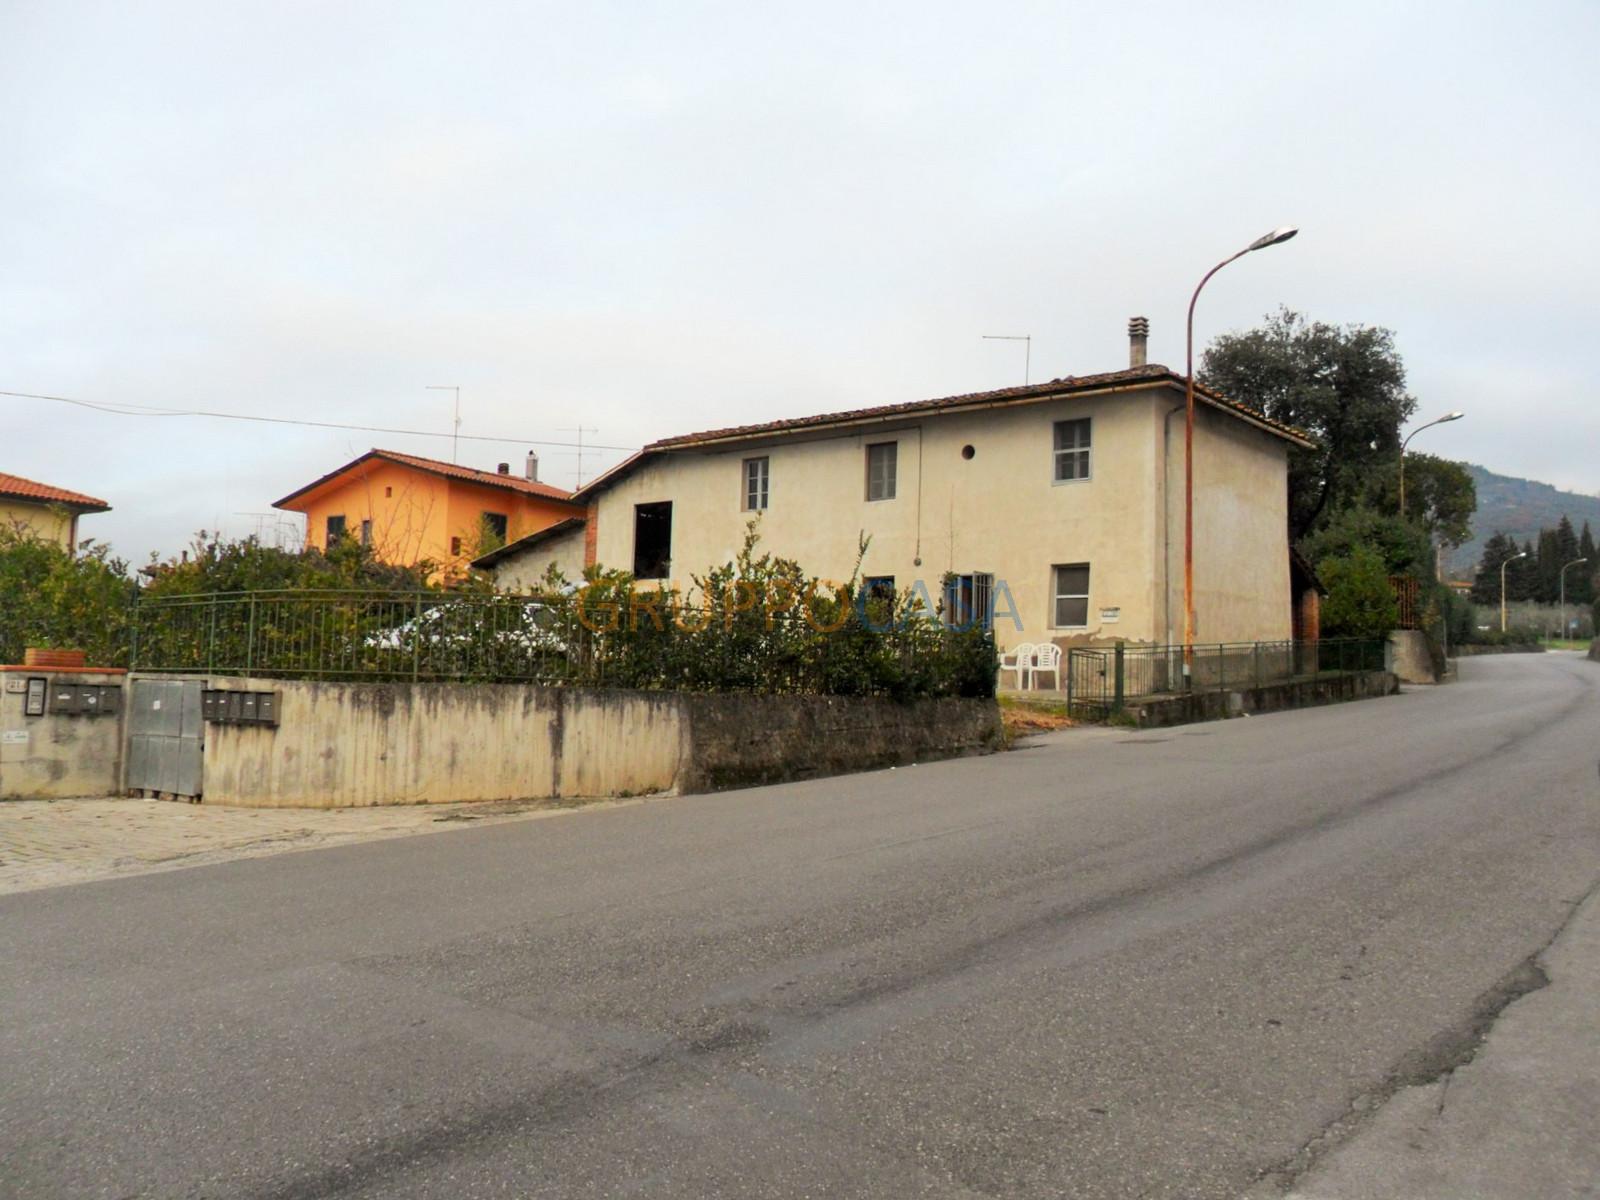 Soluzione Indipendente in vendita a Pescia, 8 locali, zona Località: Periferia, prezzo € 185.000 | Cambio Casa.it